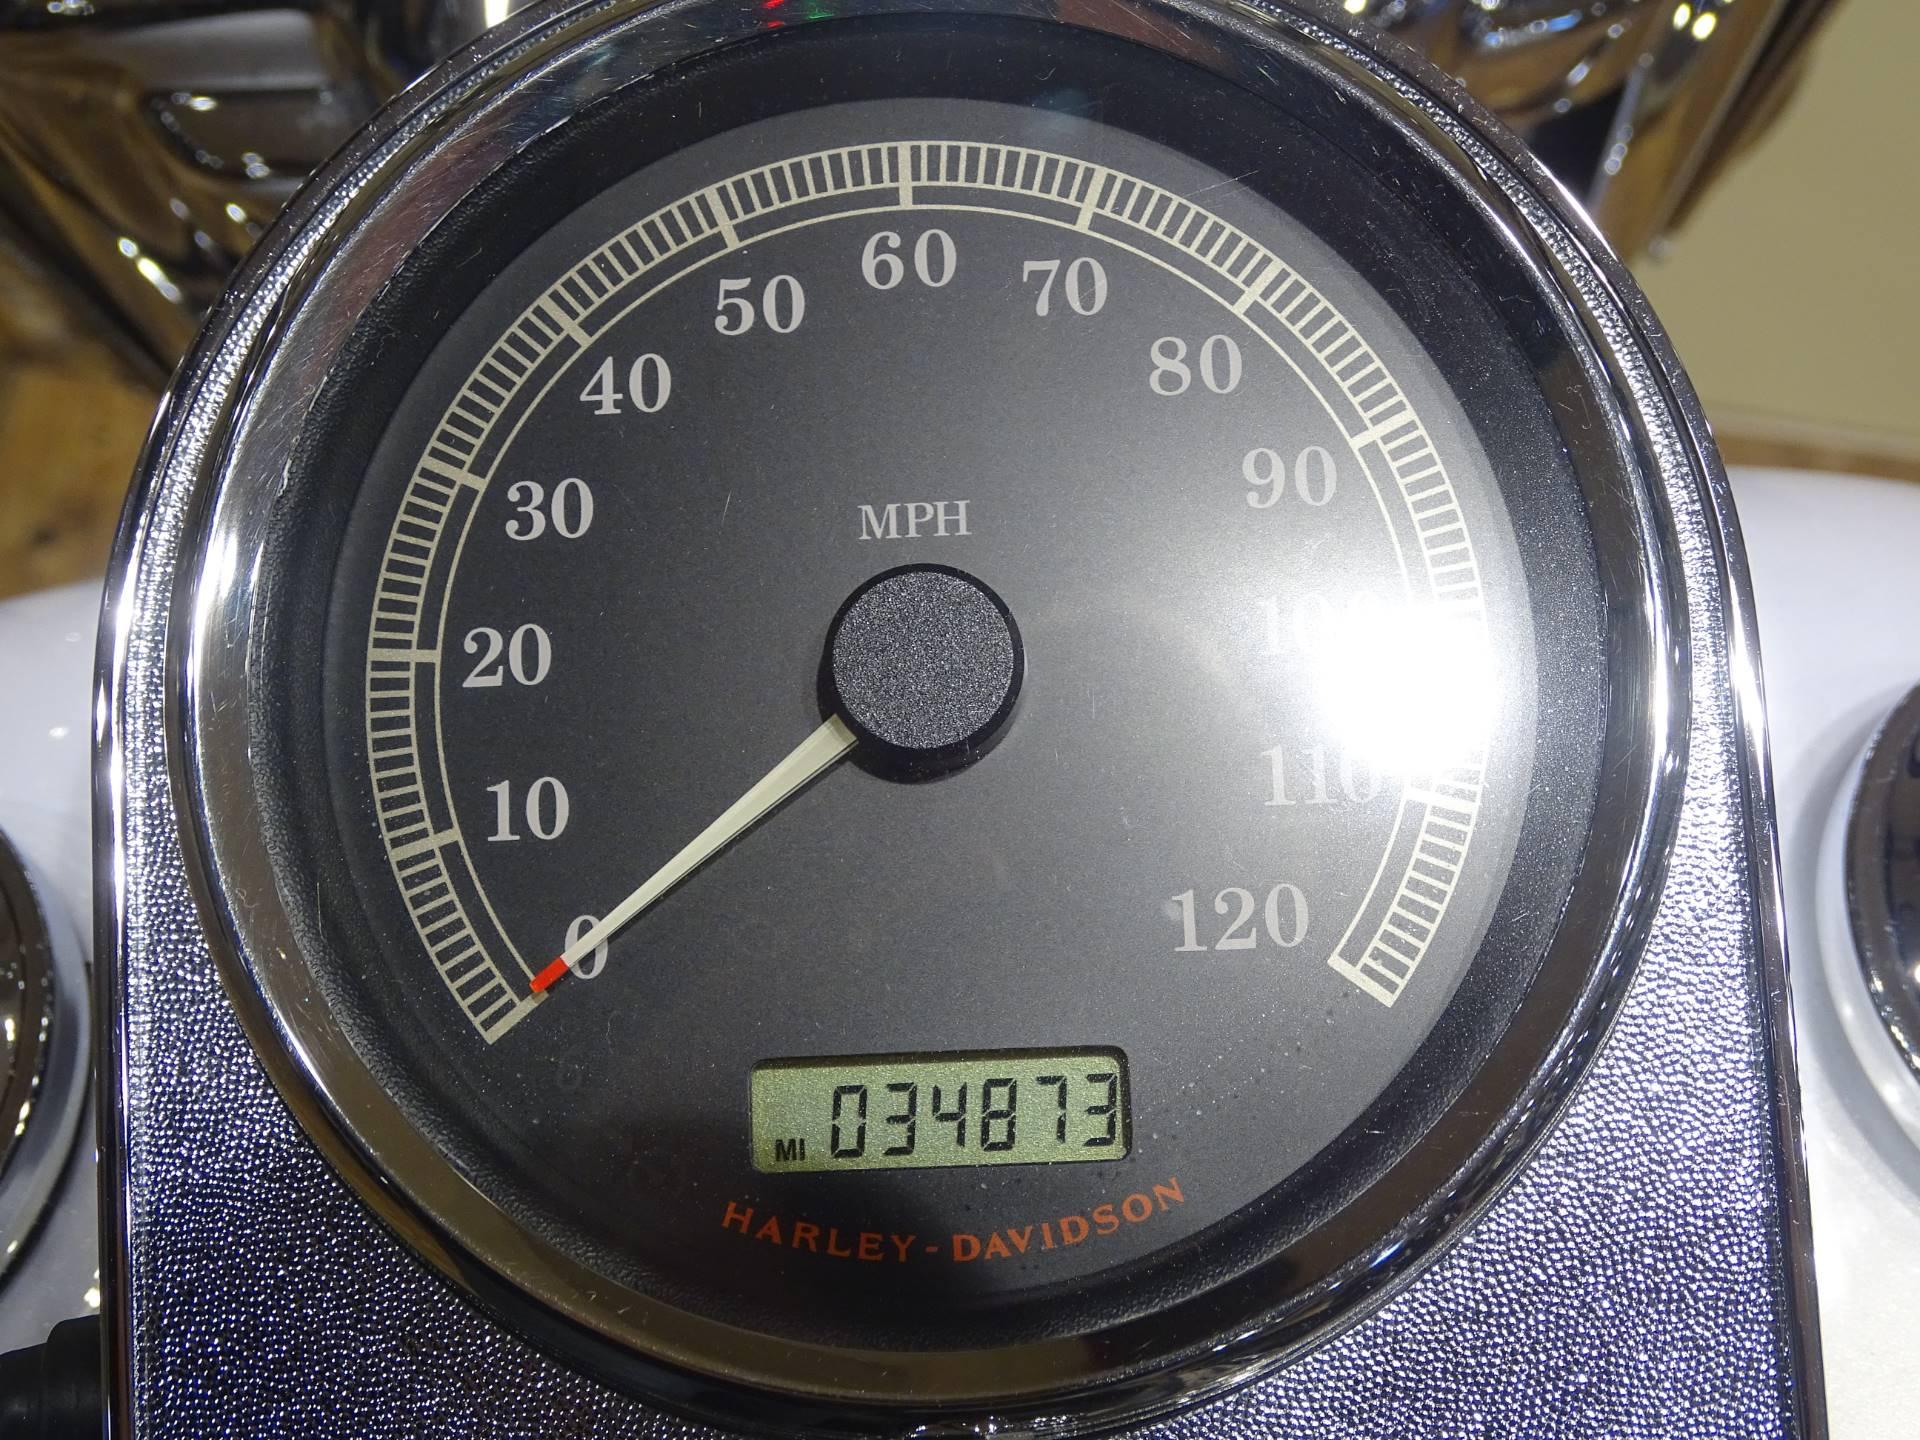 2007 Harley-Davidson FLHR Road King 7